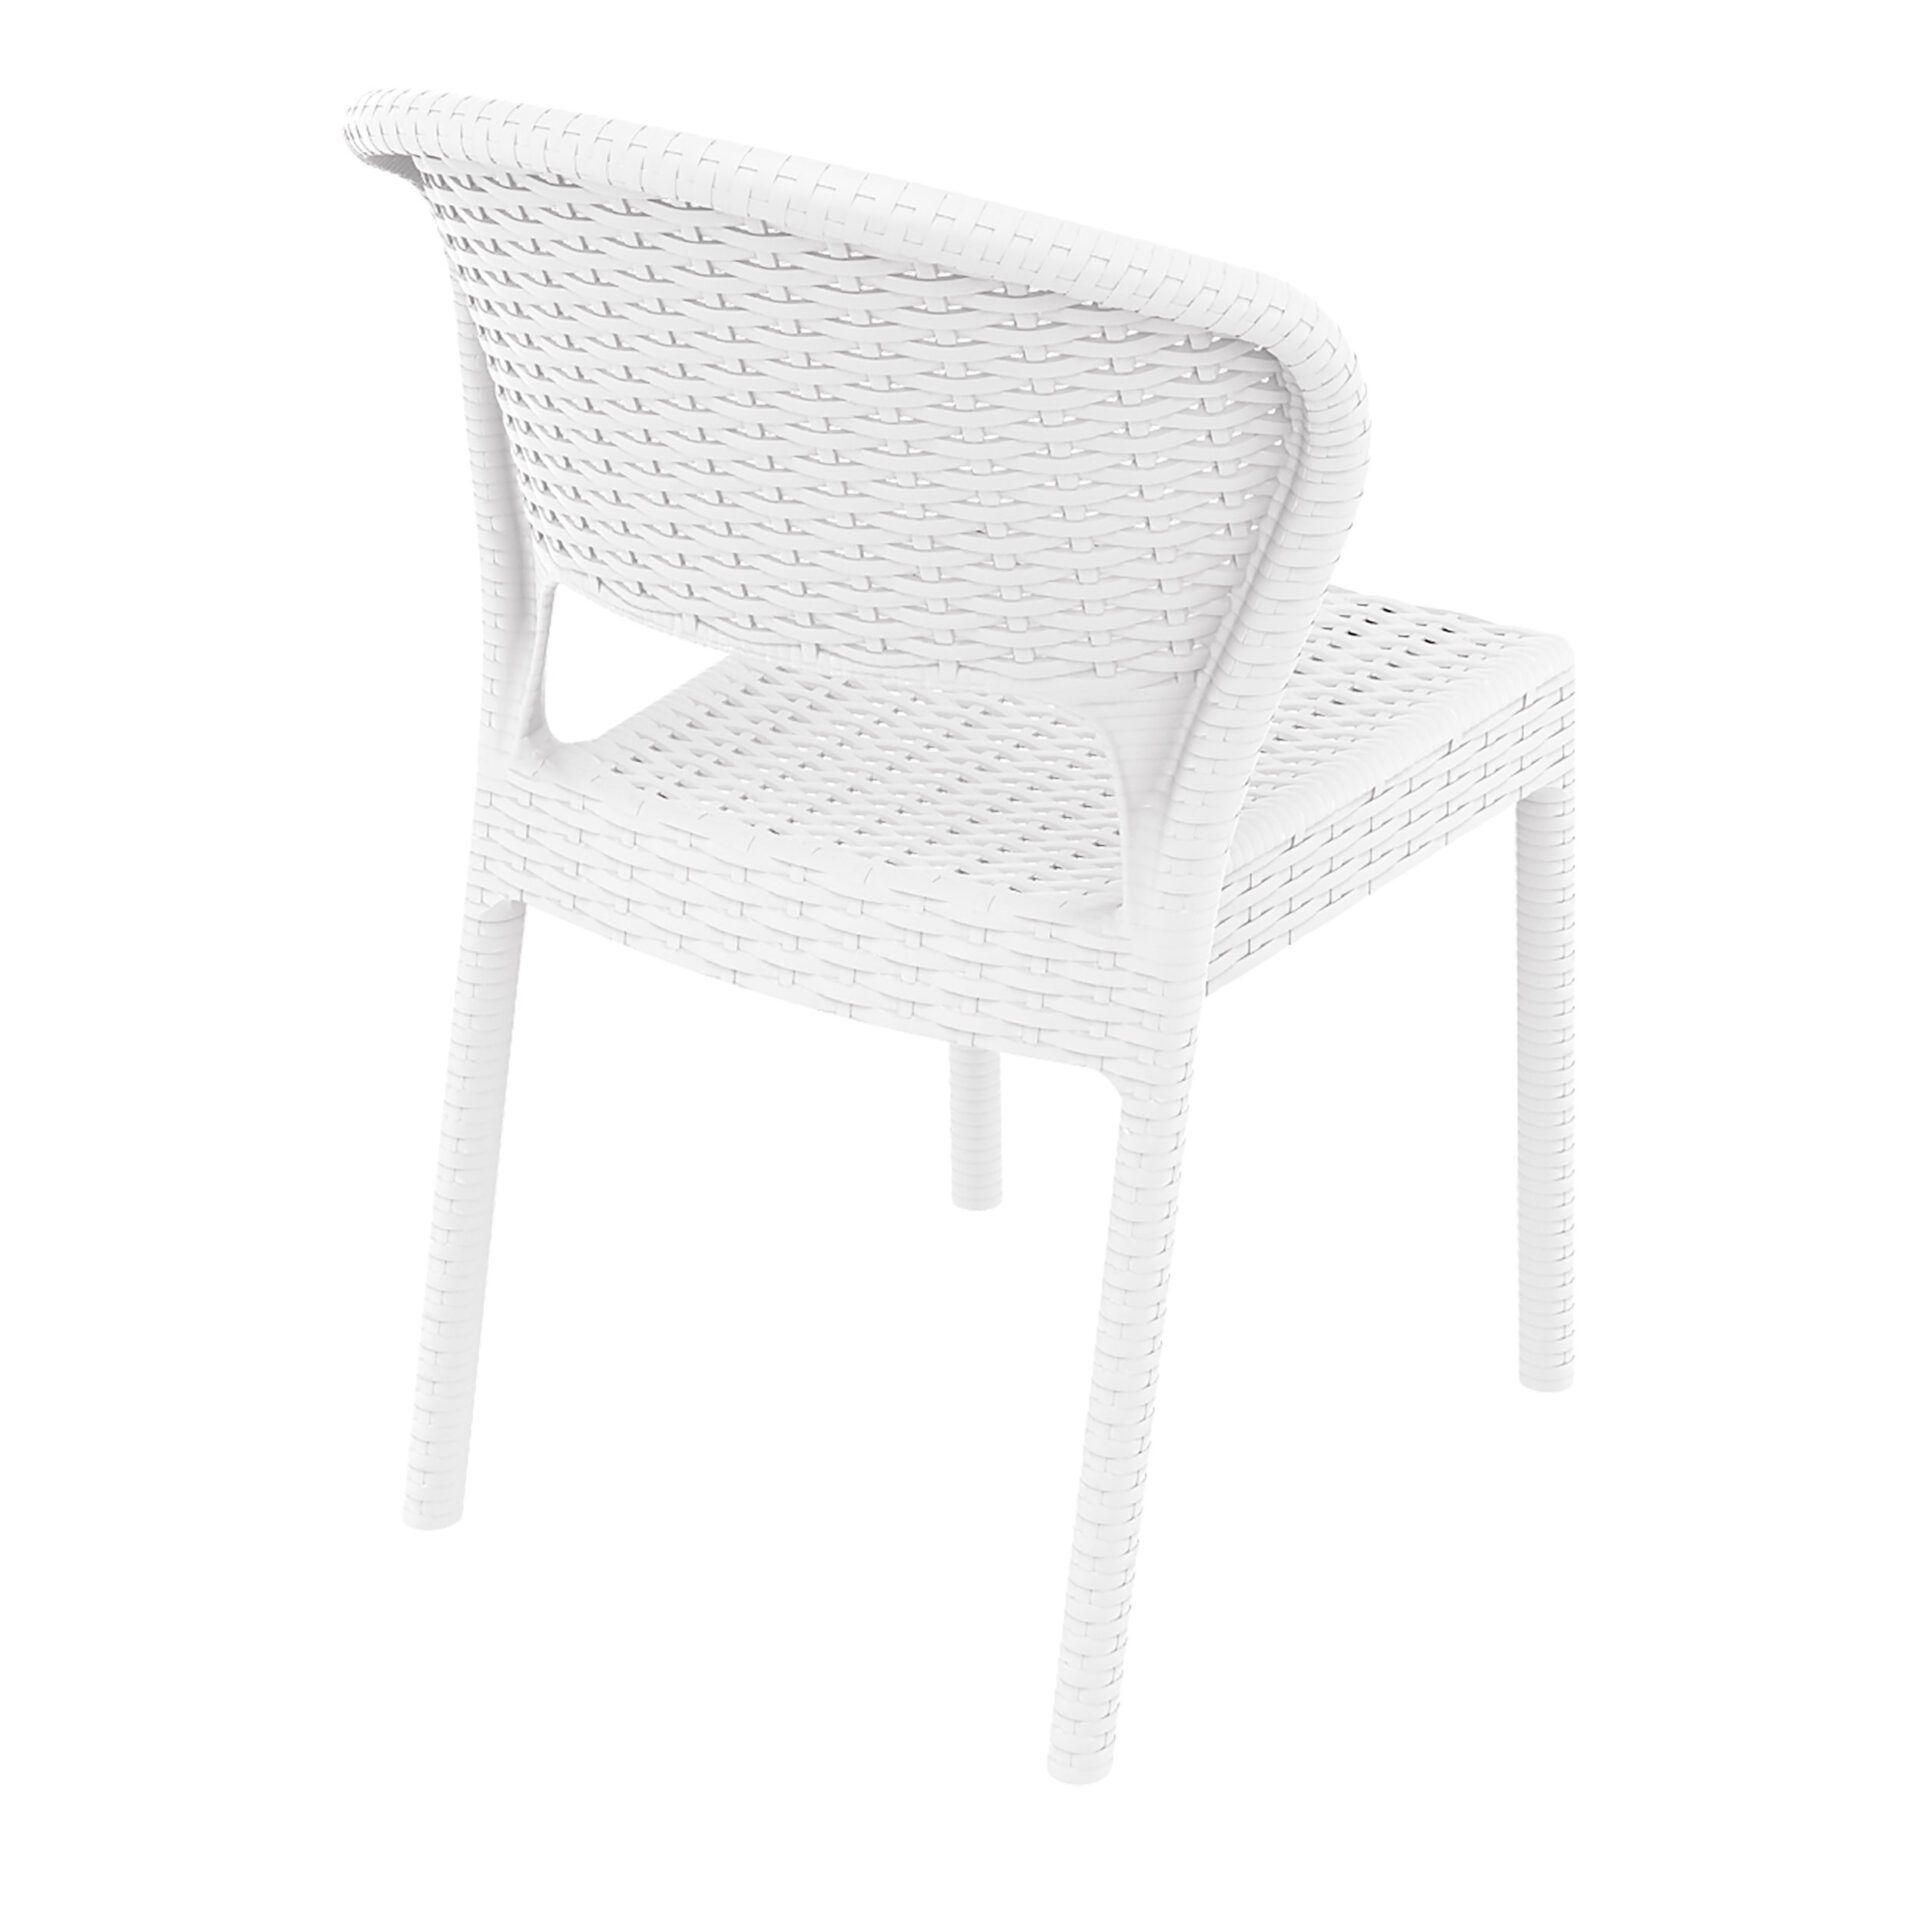 resin rattan outdoor daytona chair white back side